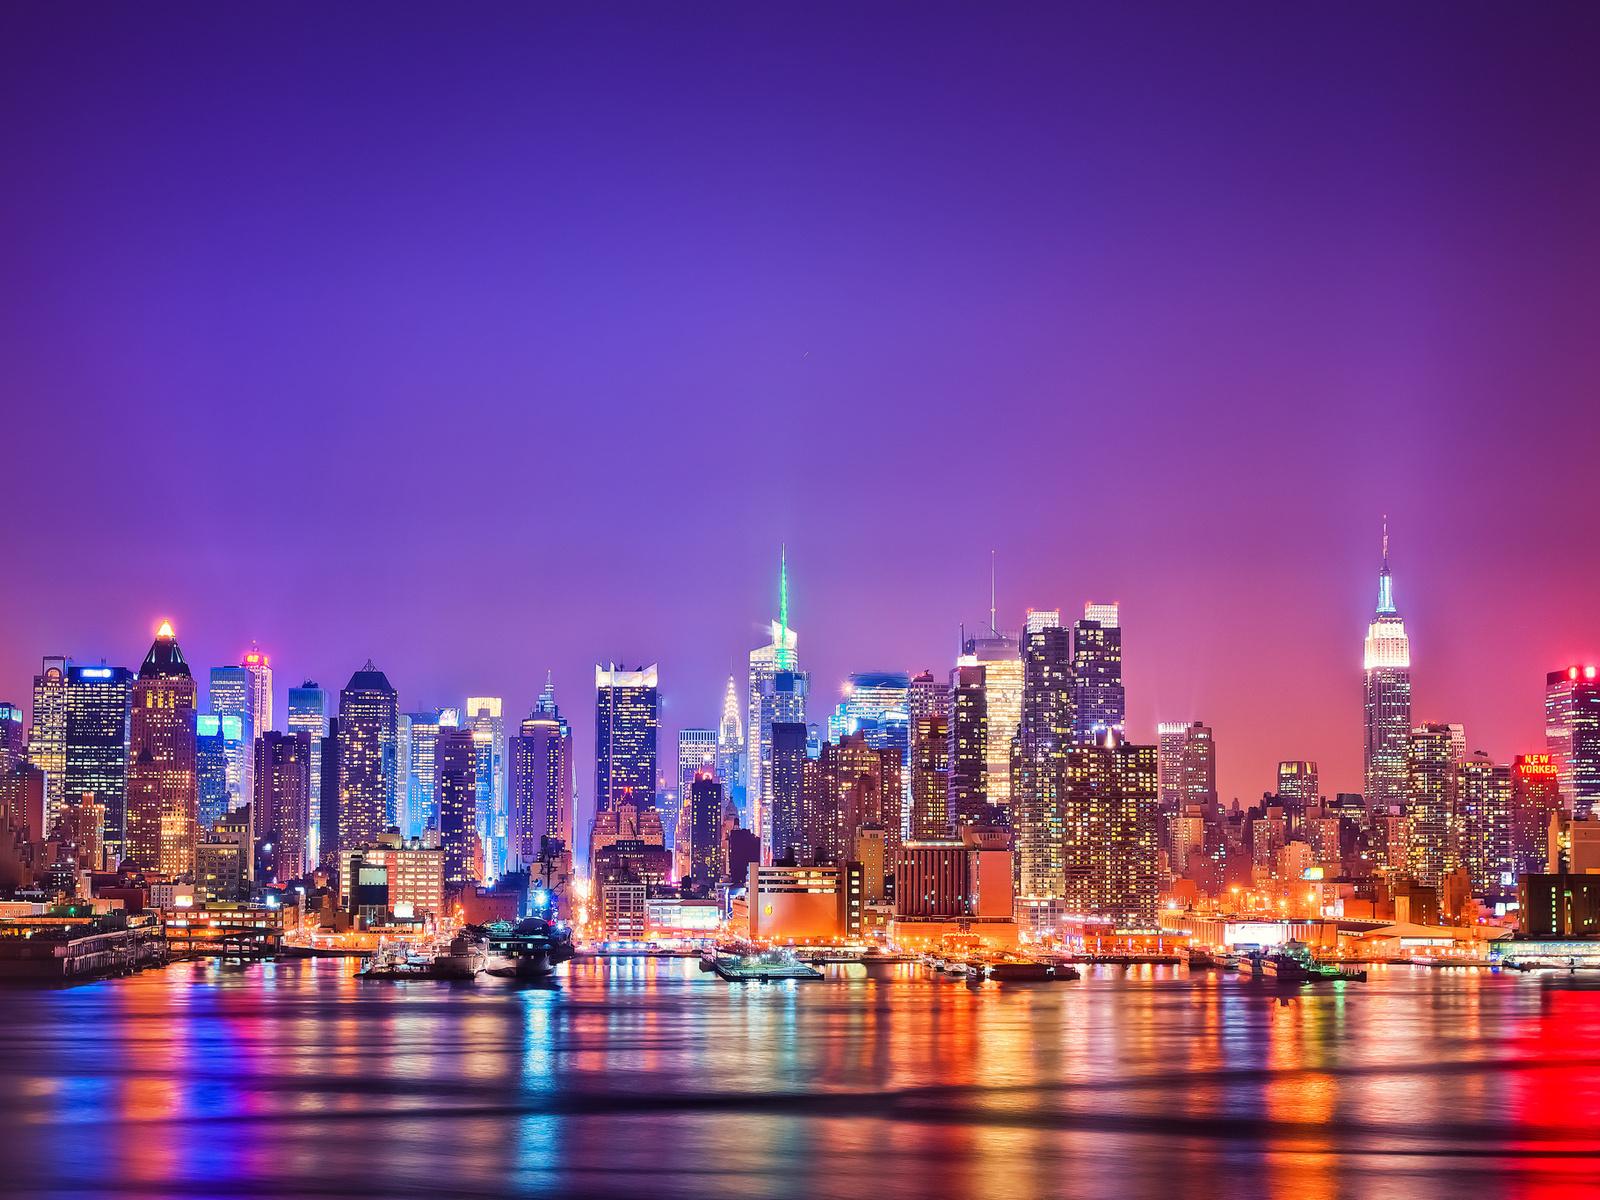 Фото ночной город нью йорк